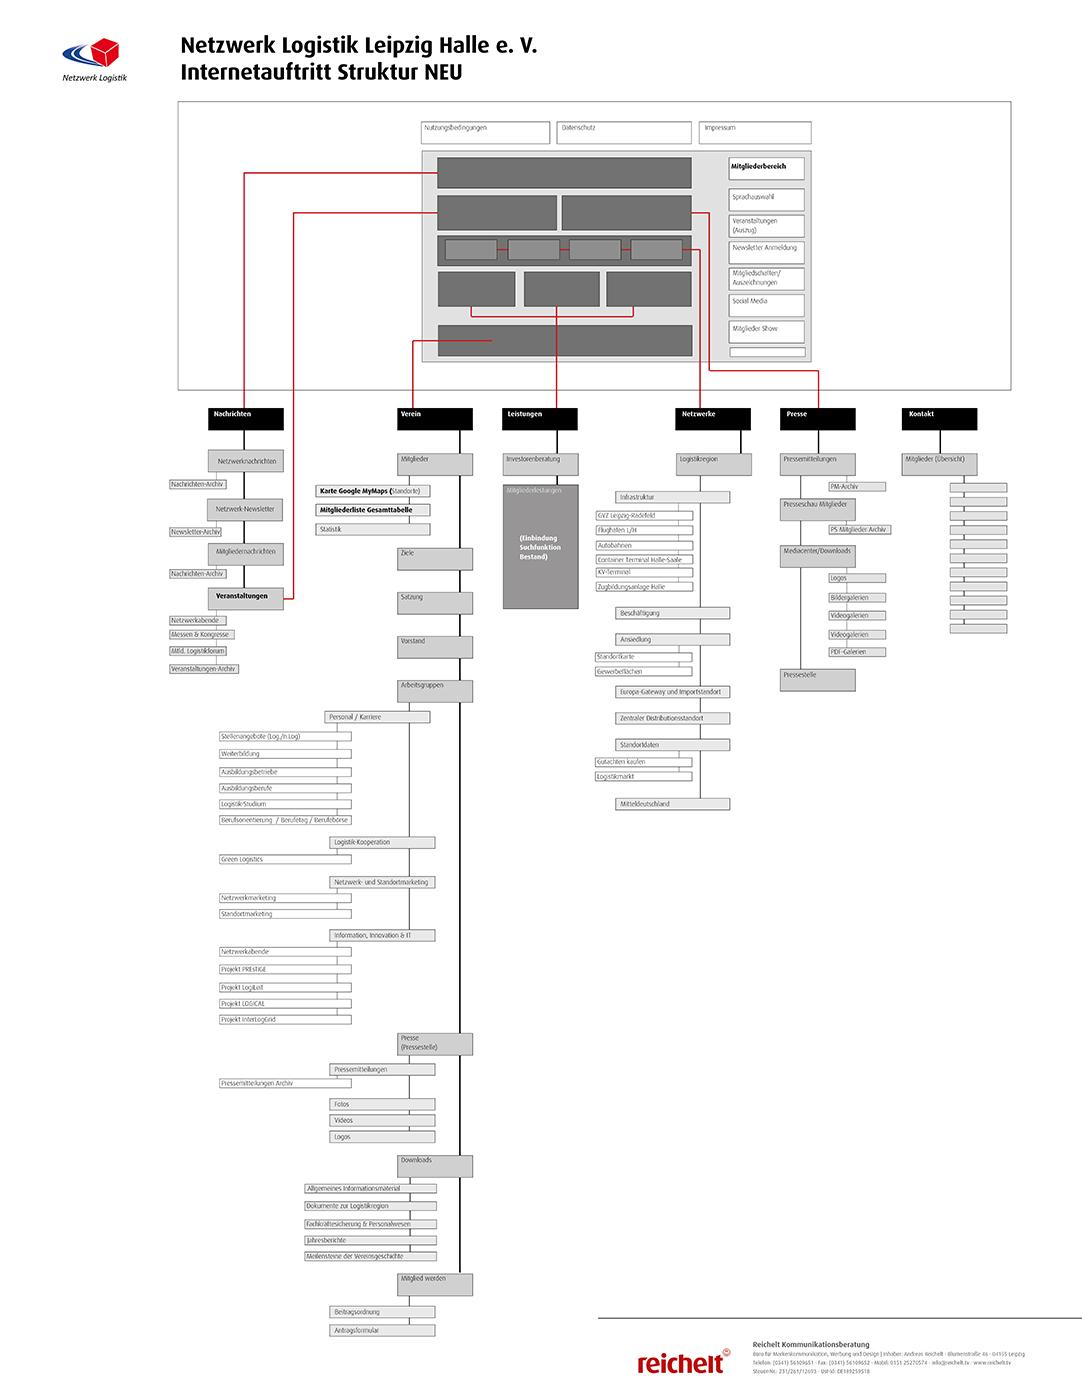 Netzwerk Logistik Aufgeräumt: die neue Seitenstruktur logistik-leipzig-halle.net